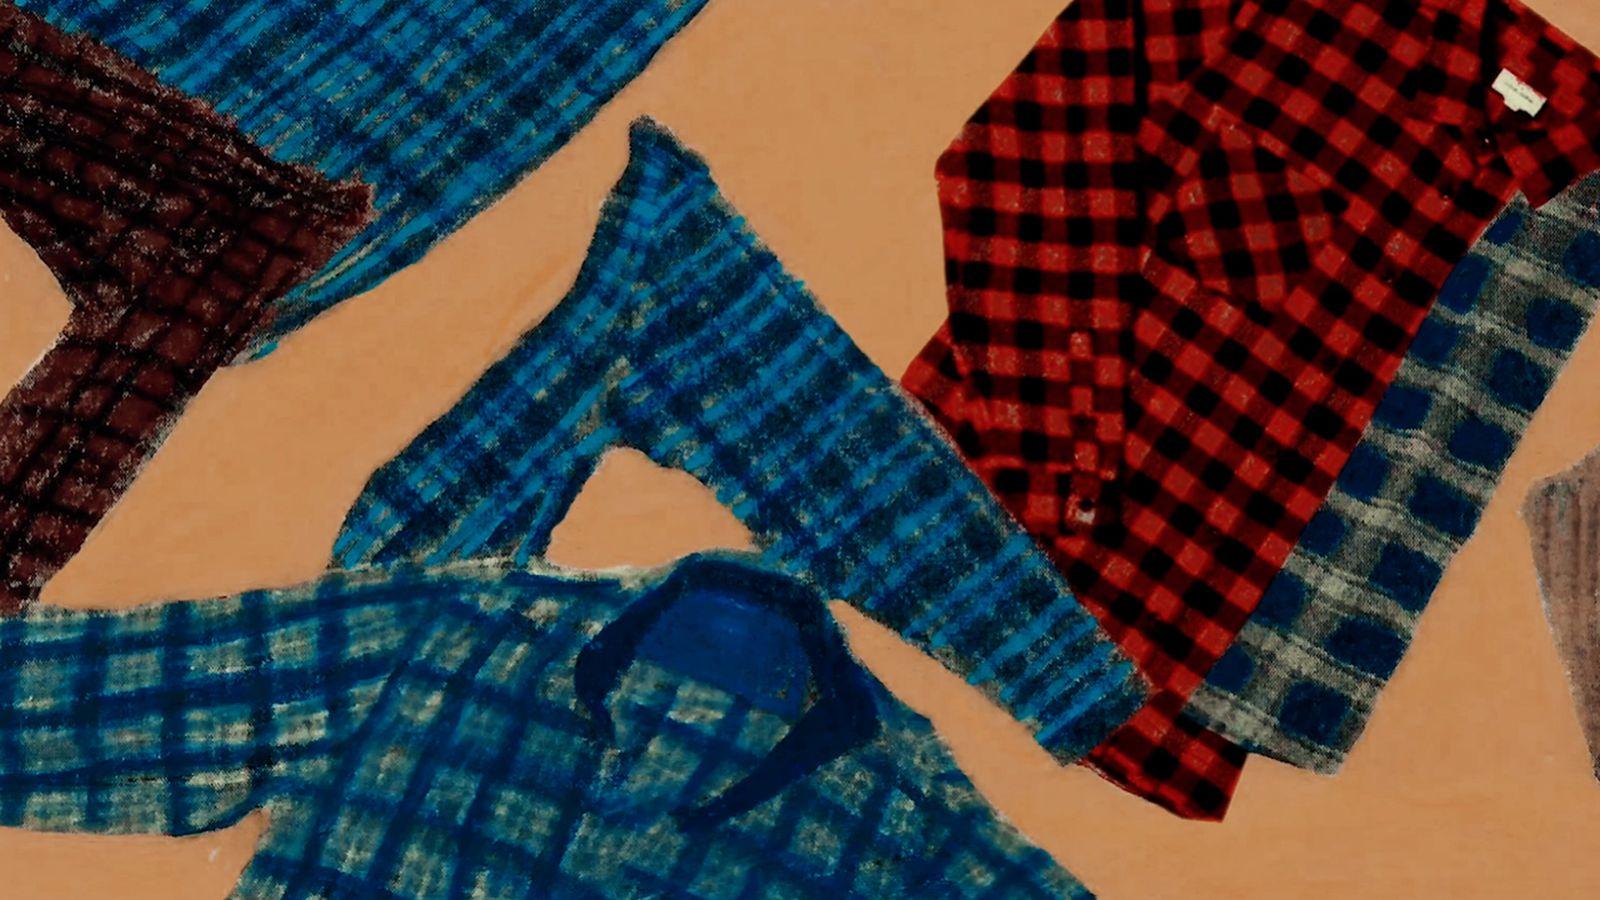 woolrich-flannel-buffalo-check-plaid-still-01